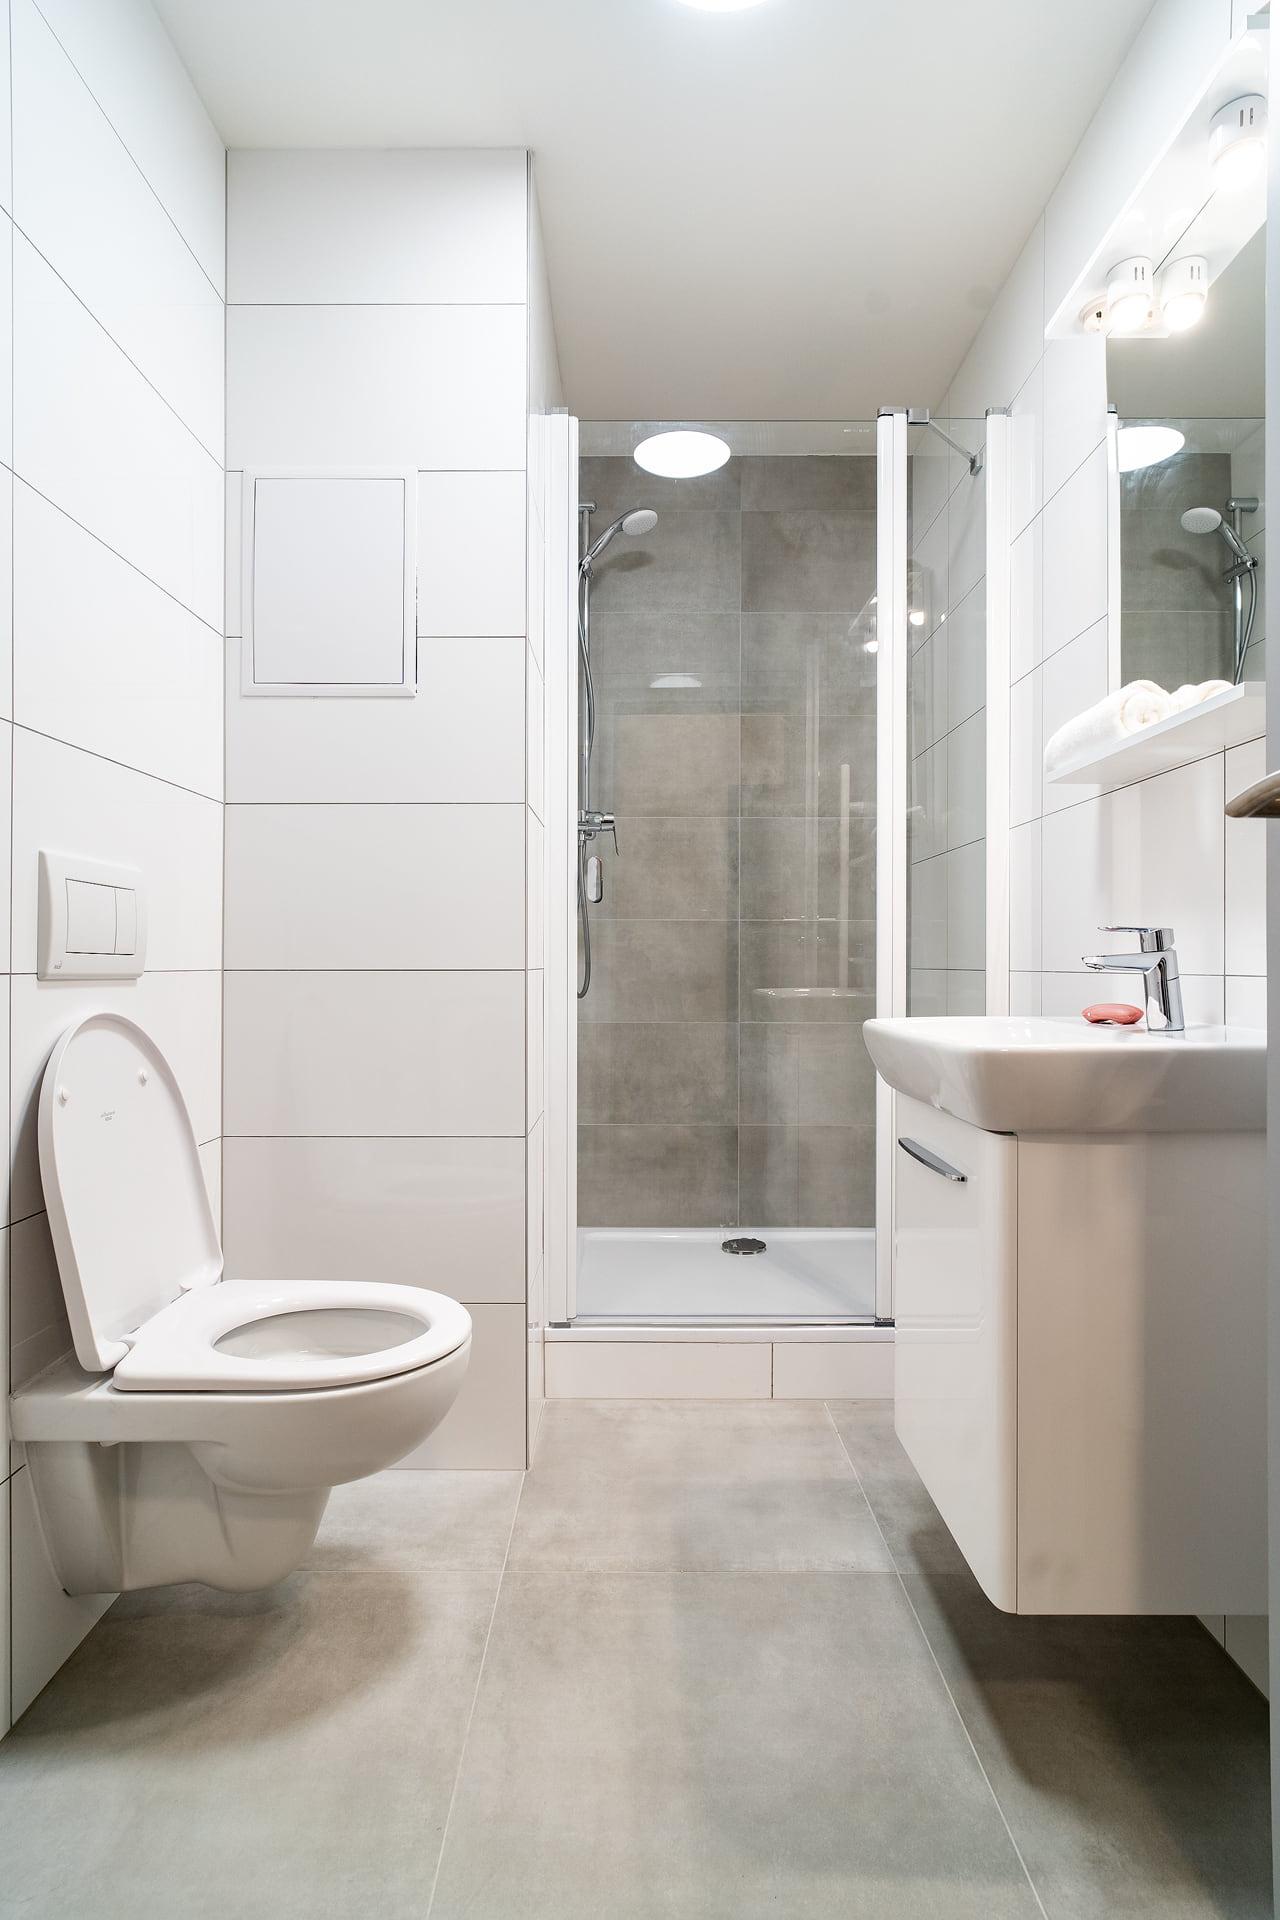 Bílé koupelny v bytovém domě 2